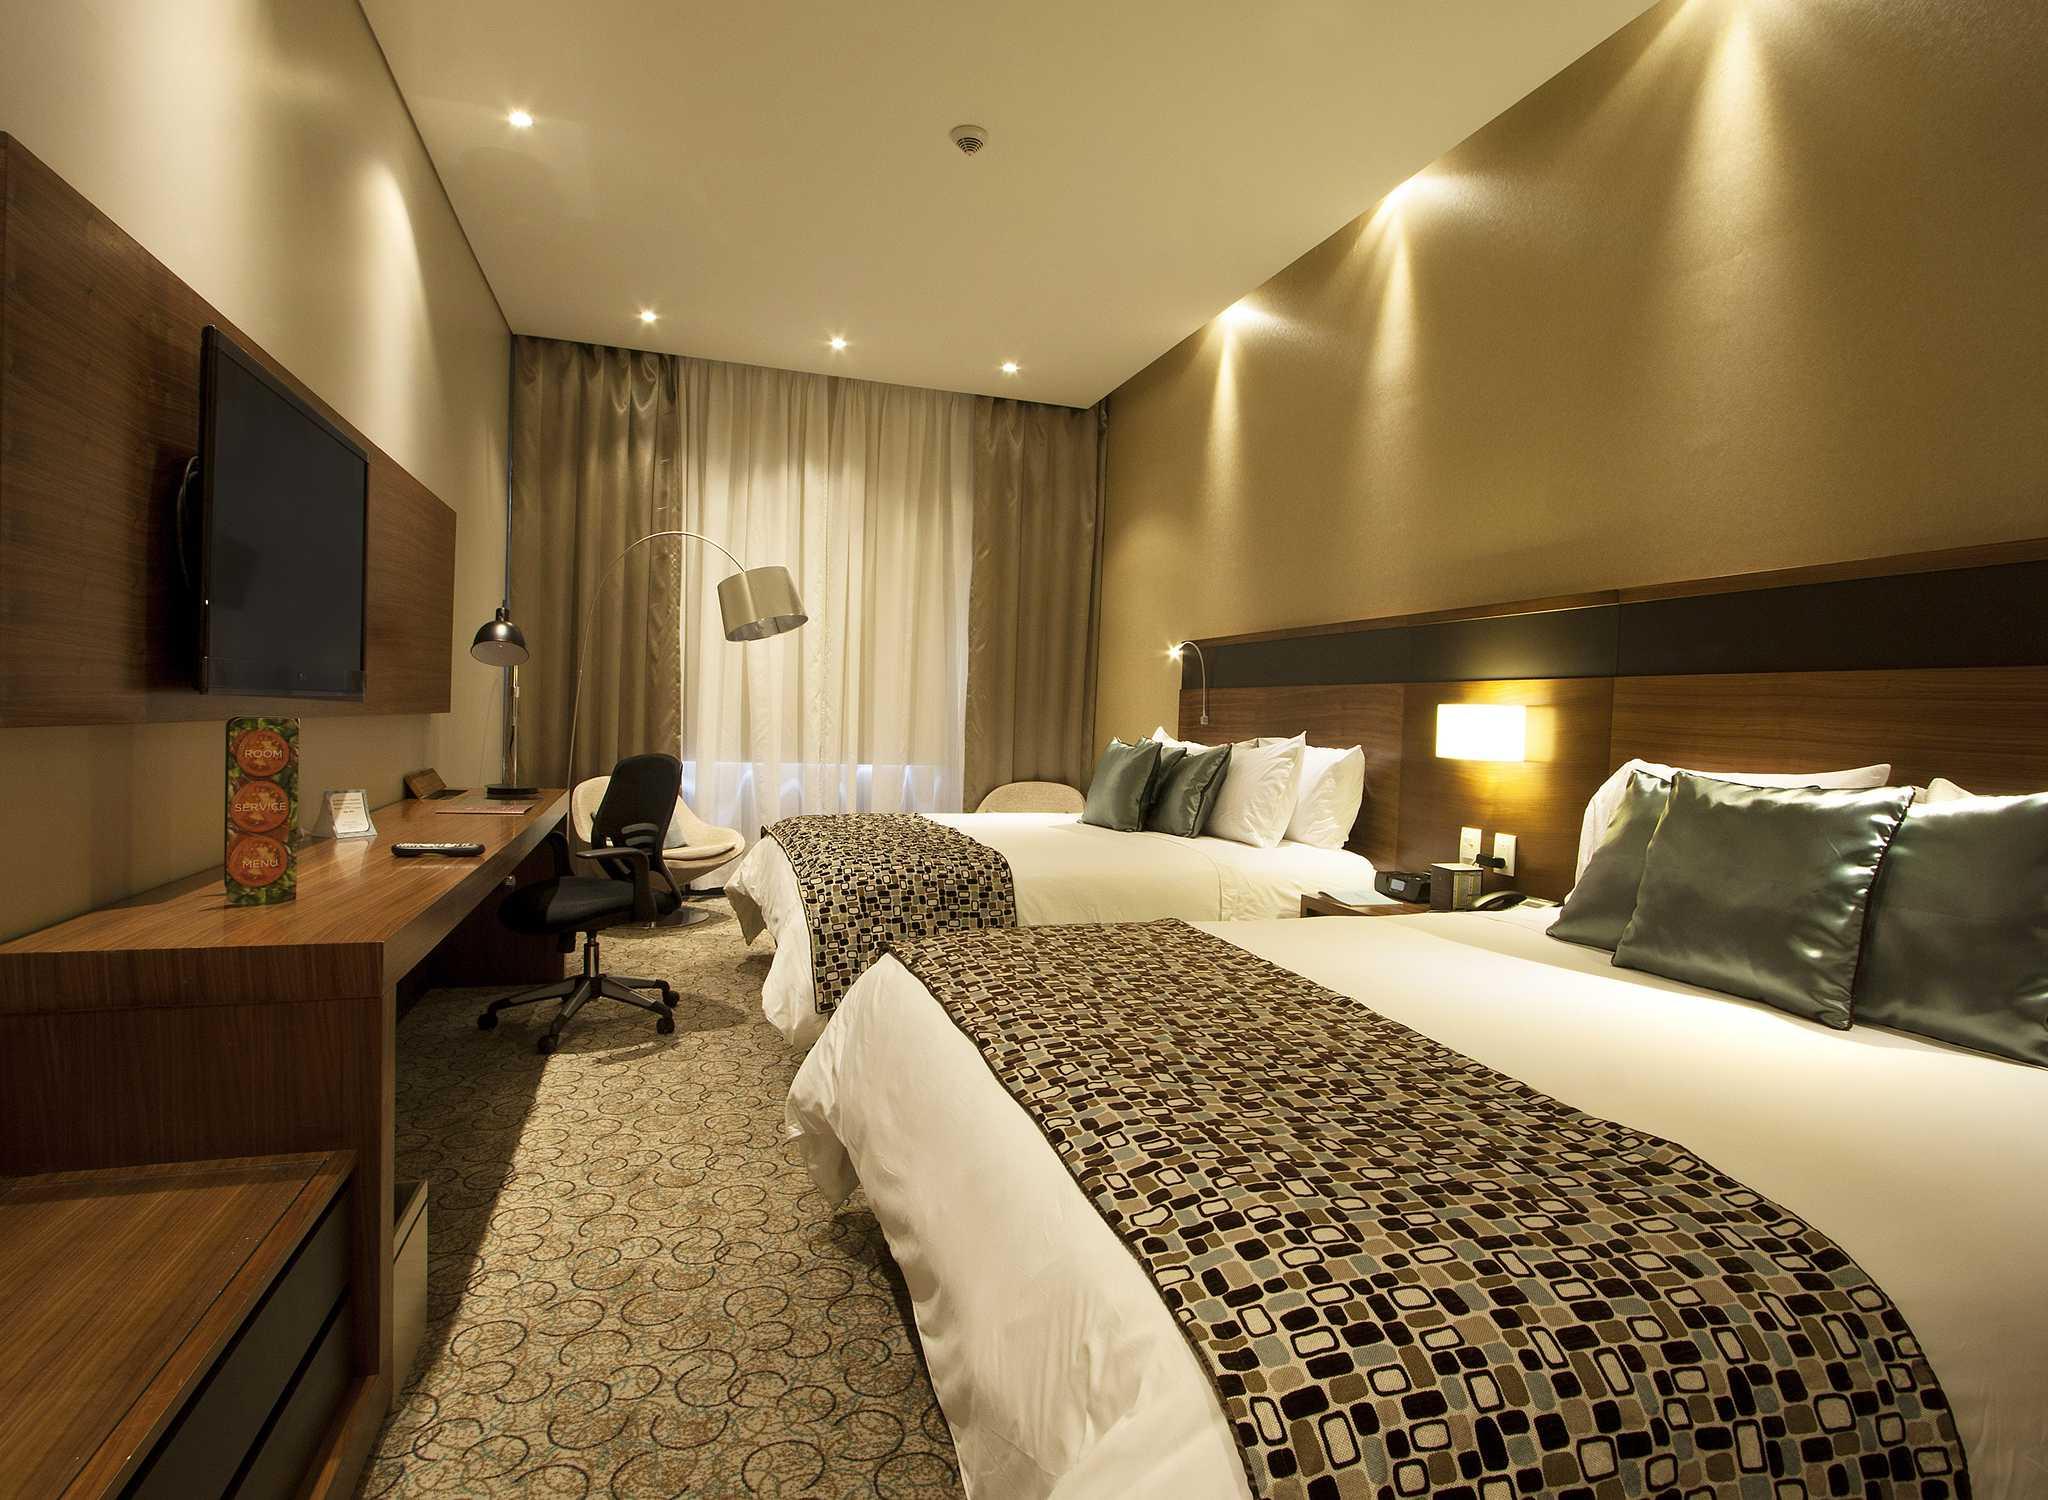 Hotel Doubletree By Hilton Bogotá Parque 93 Colombia Dormitorio Con Camas Dobles